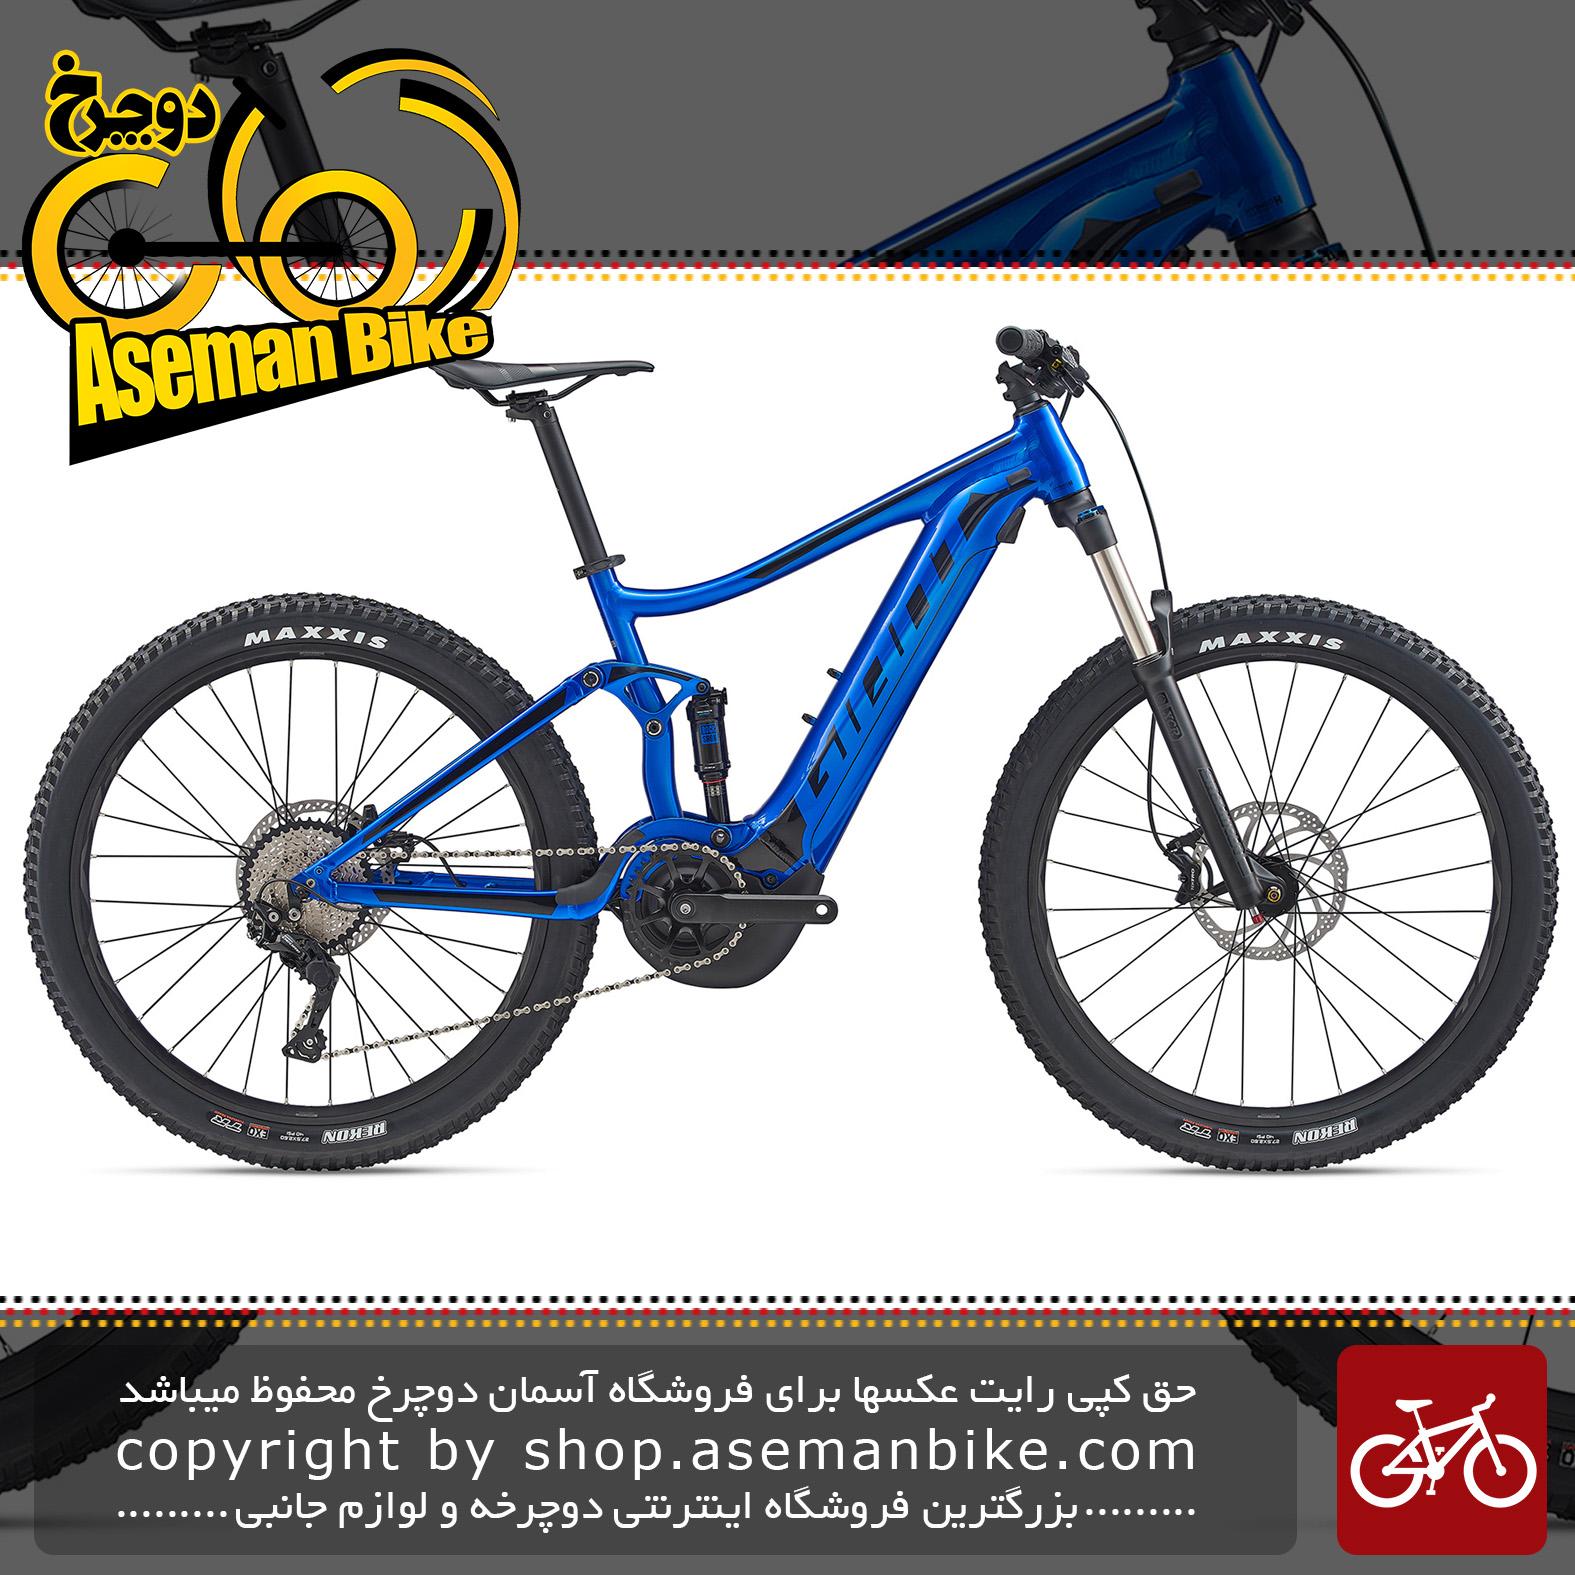 دوچرخه کوهستان برقی جاینت مدل استنس ای پلاس 2 2020 Giant Mountain Bicycle Stance E+ 2 2020